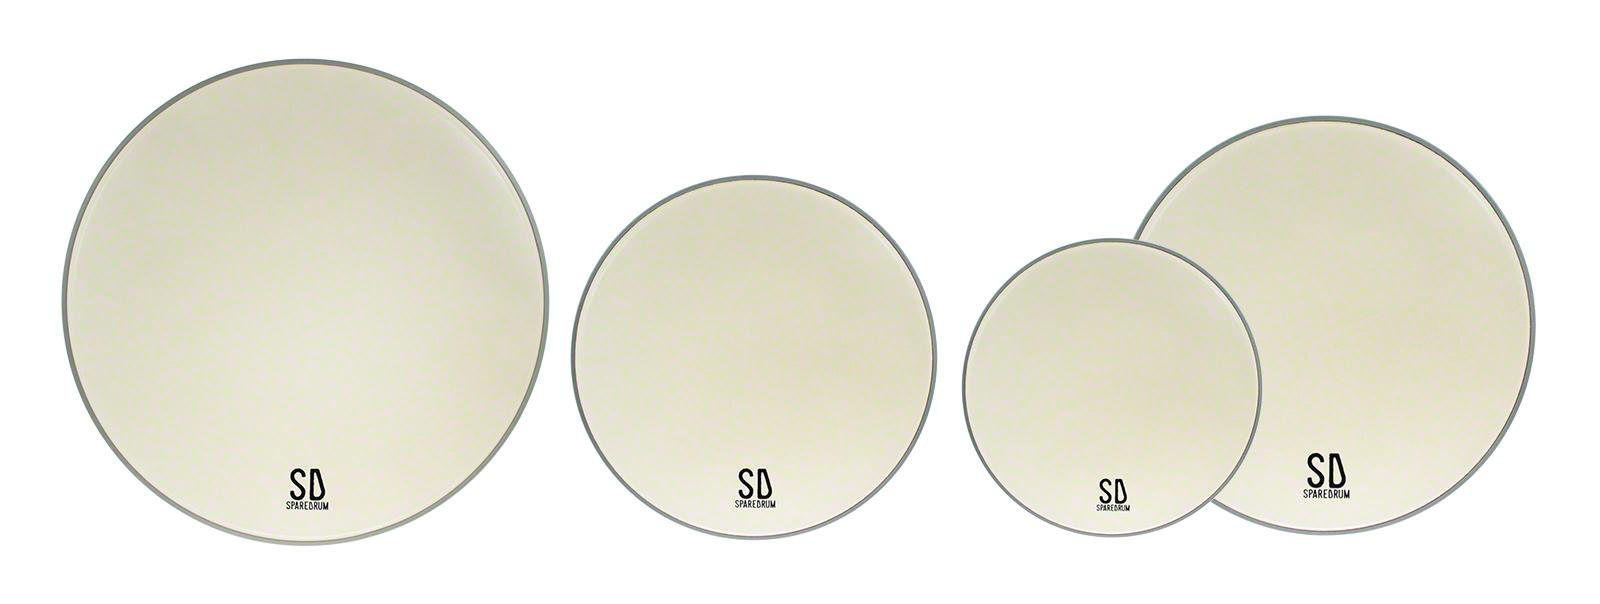 Sparedrum 10 12 16 cc 14 alverstone sablee stage pack